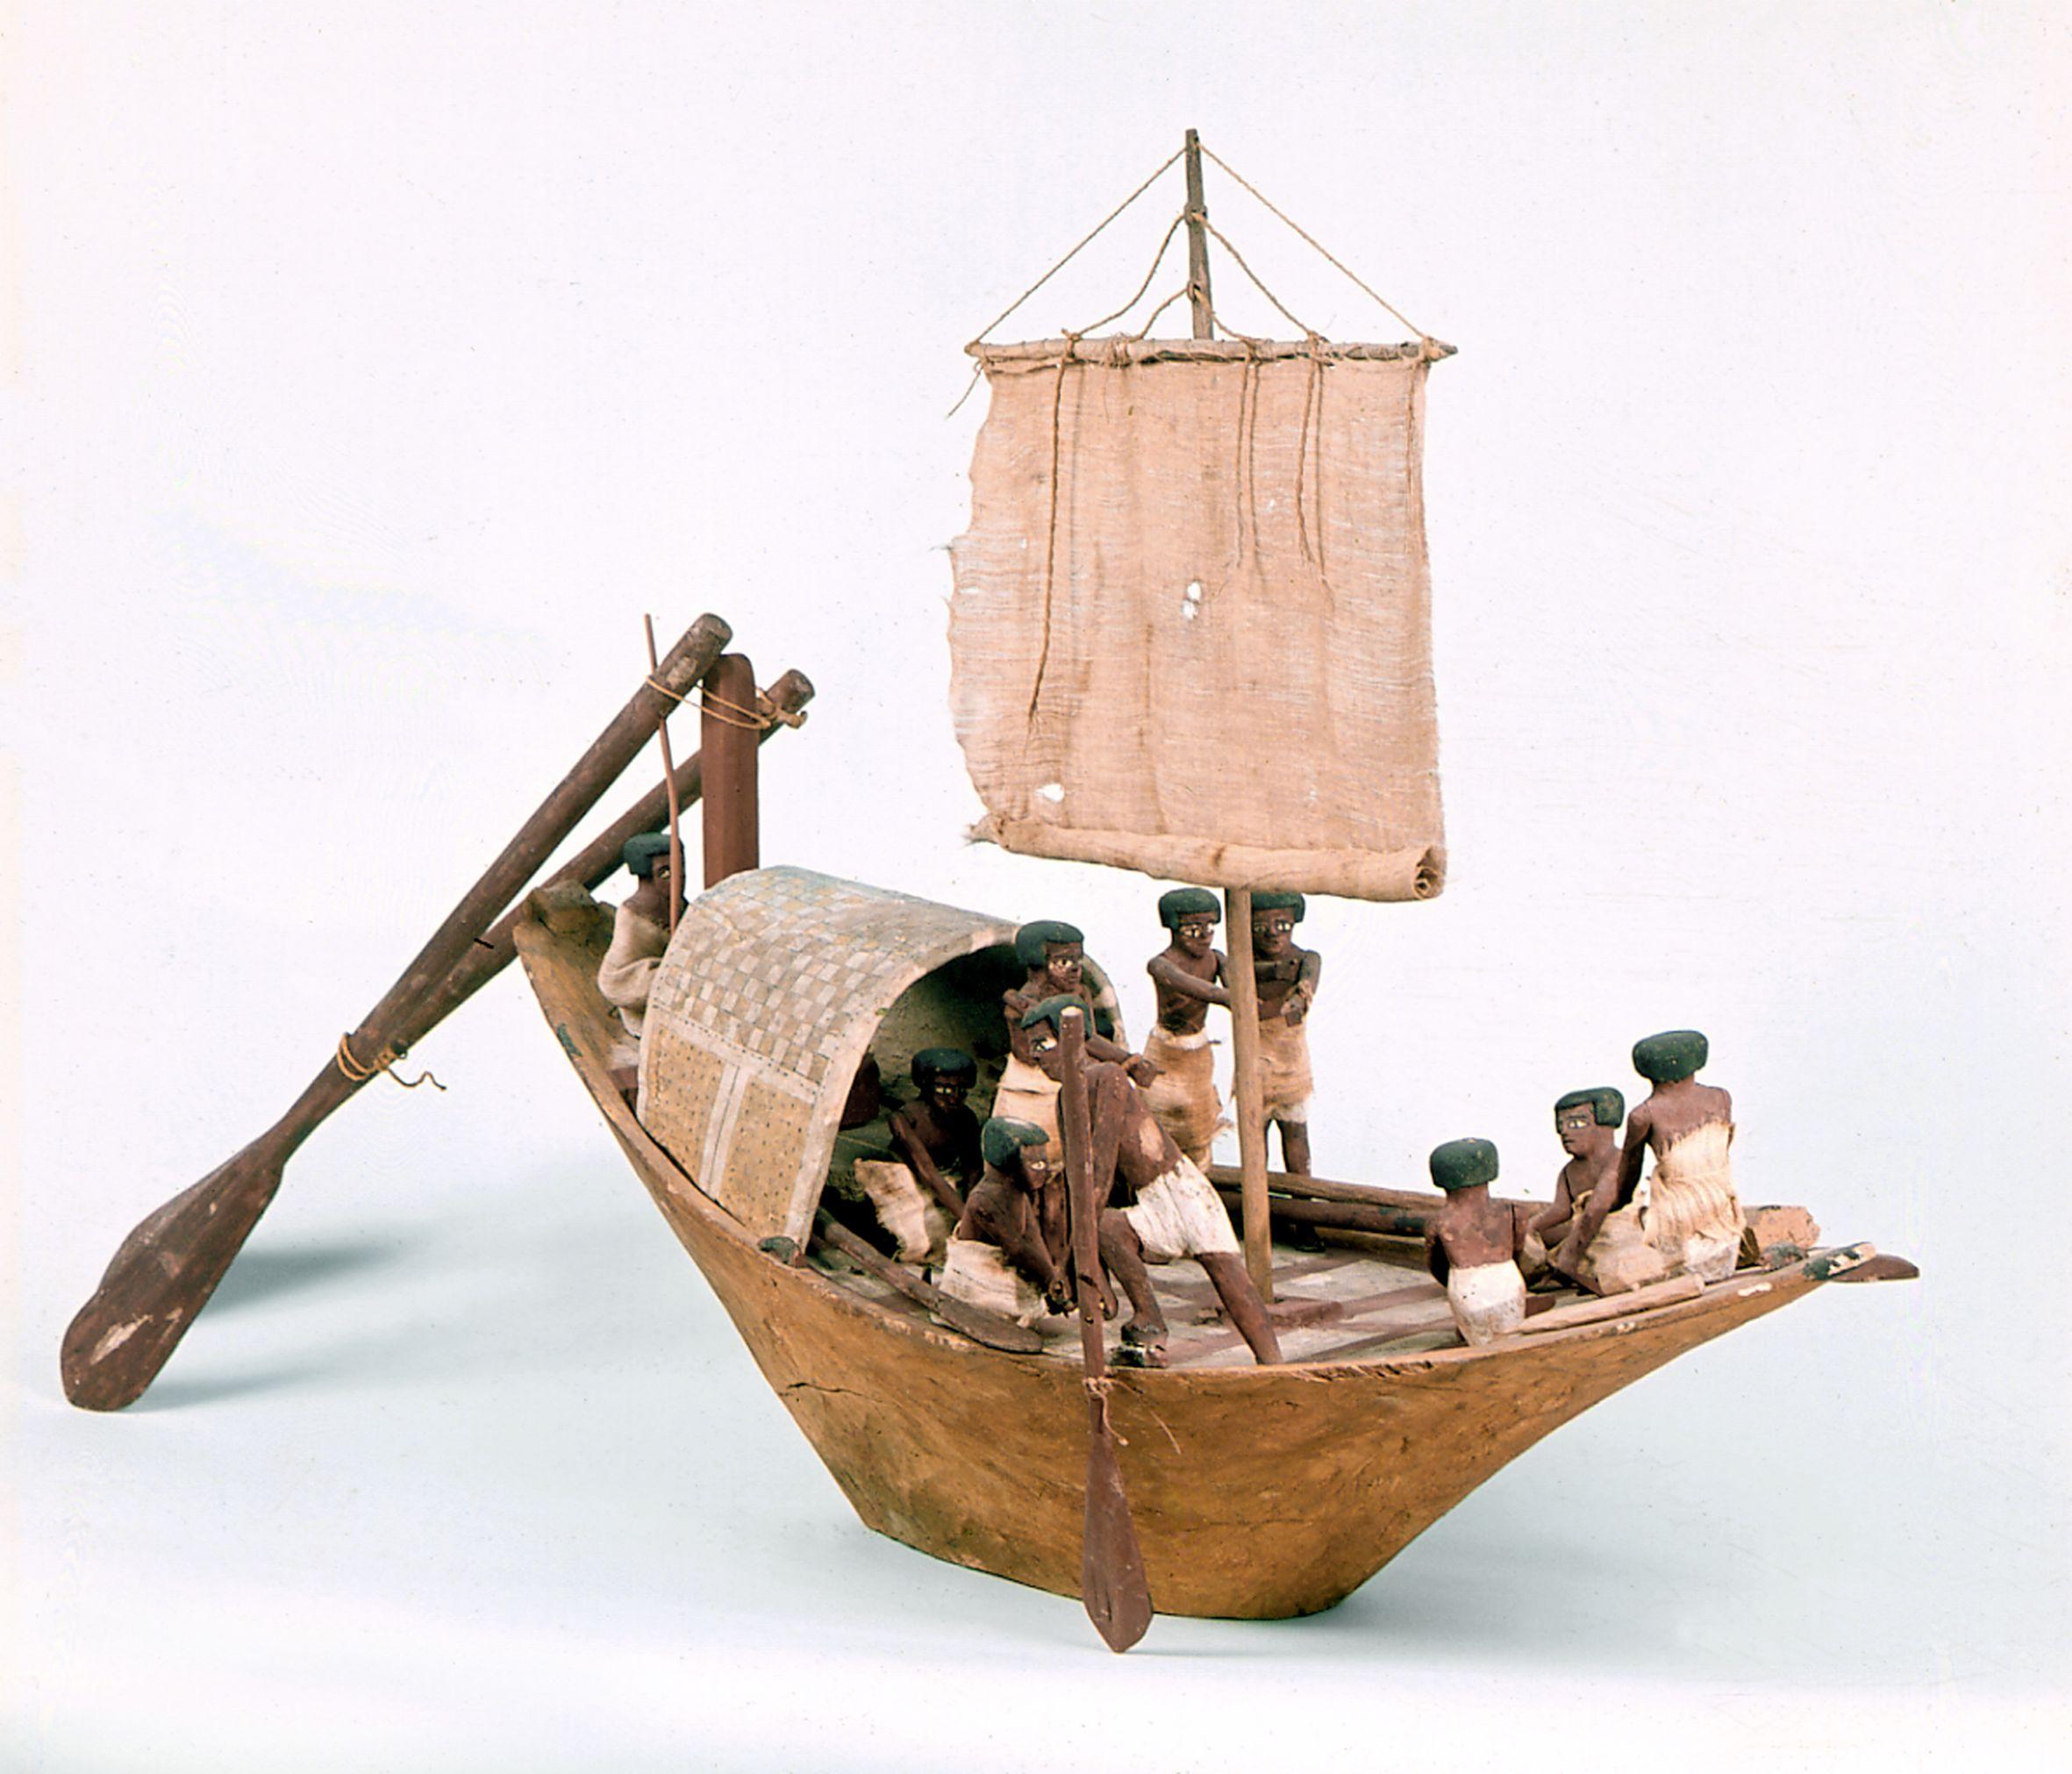 AEGYPTEN300_14_Segelschiff